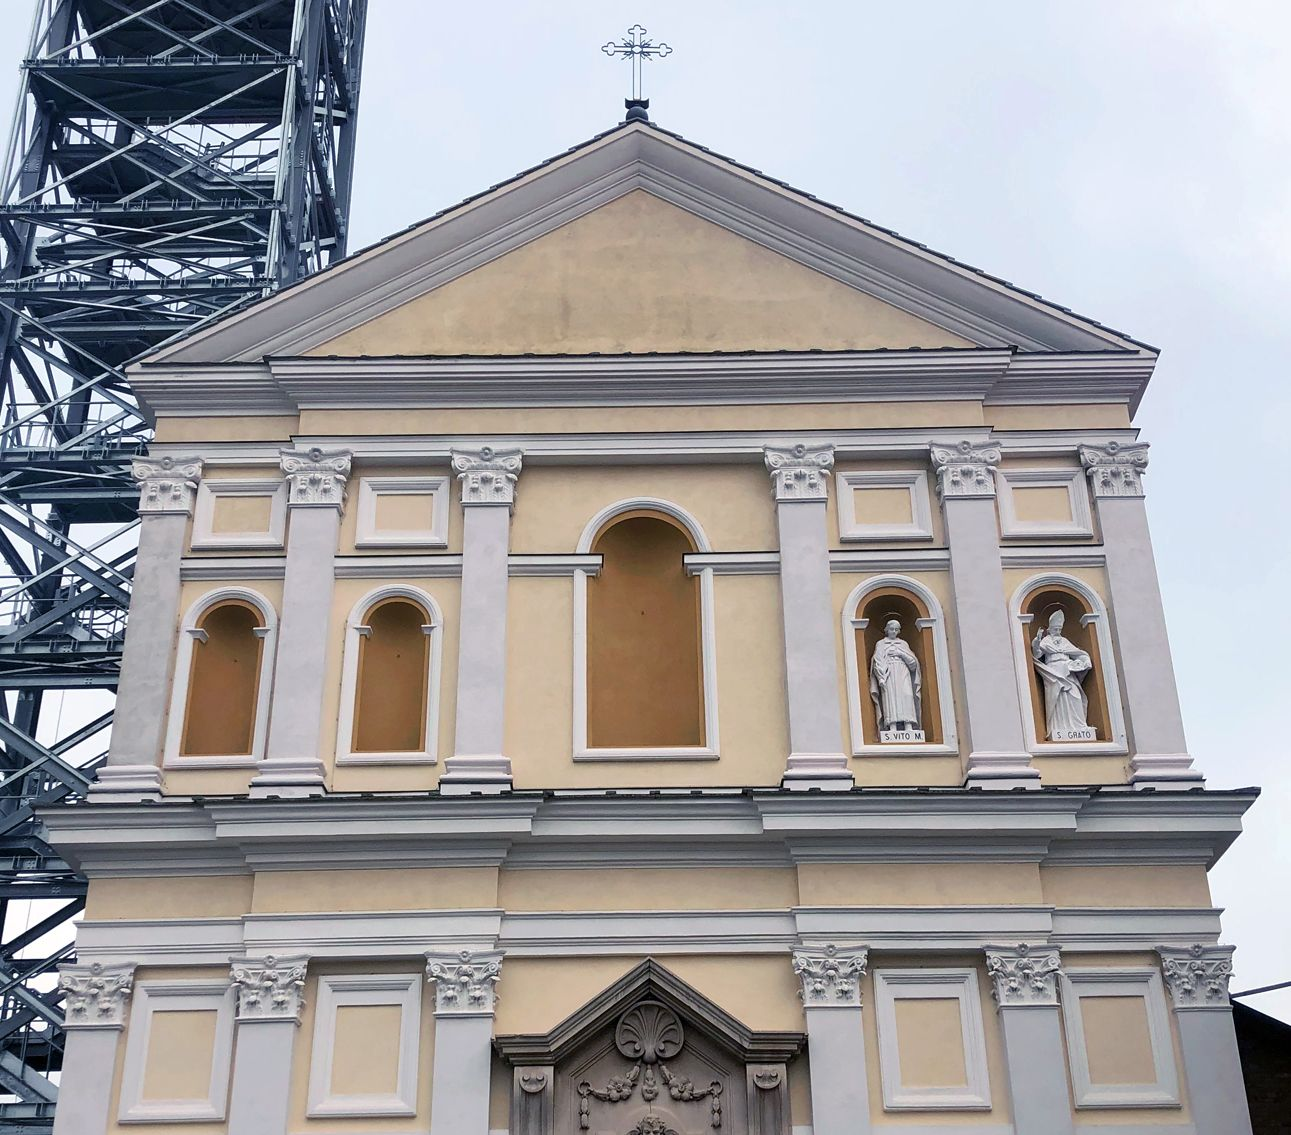 NOLE - A tredici anni dal crollo si rivede il profilo della torre campanaria